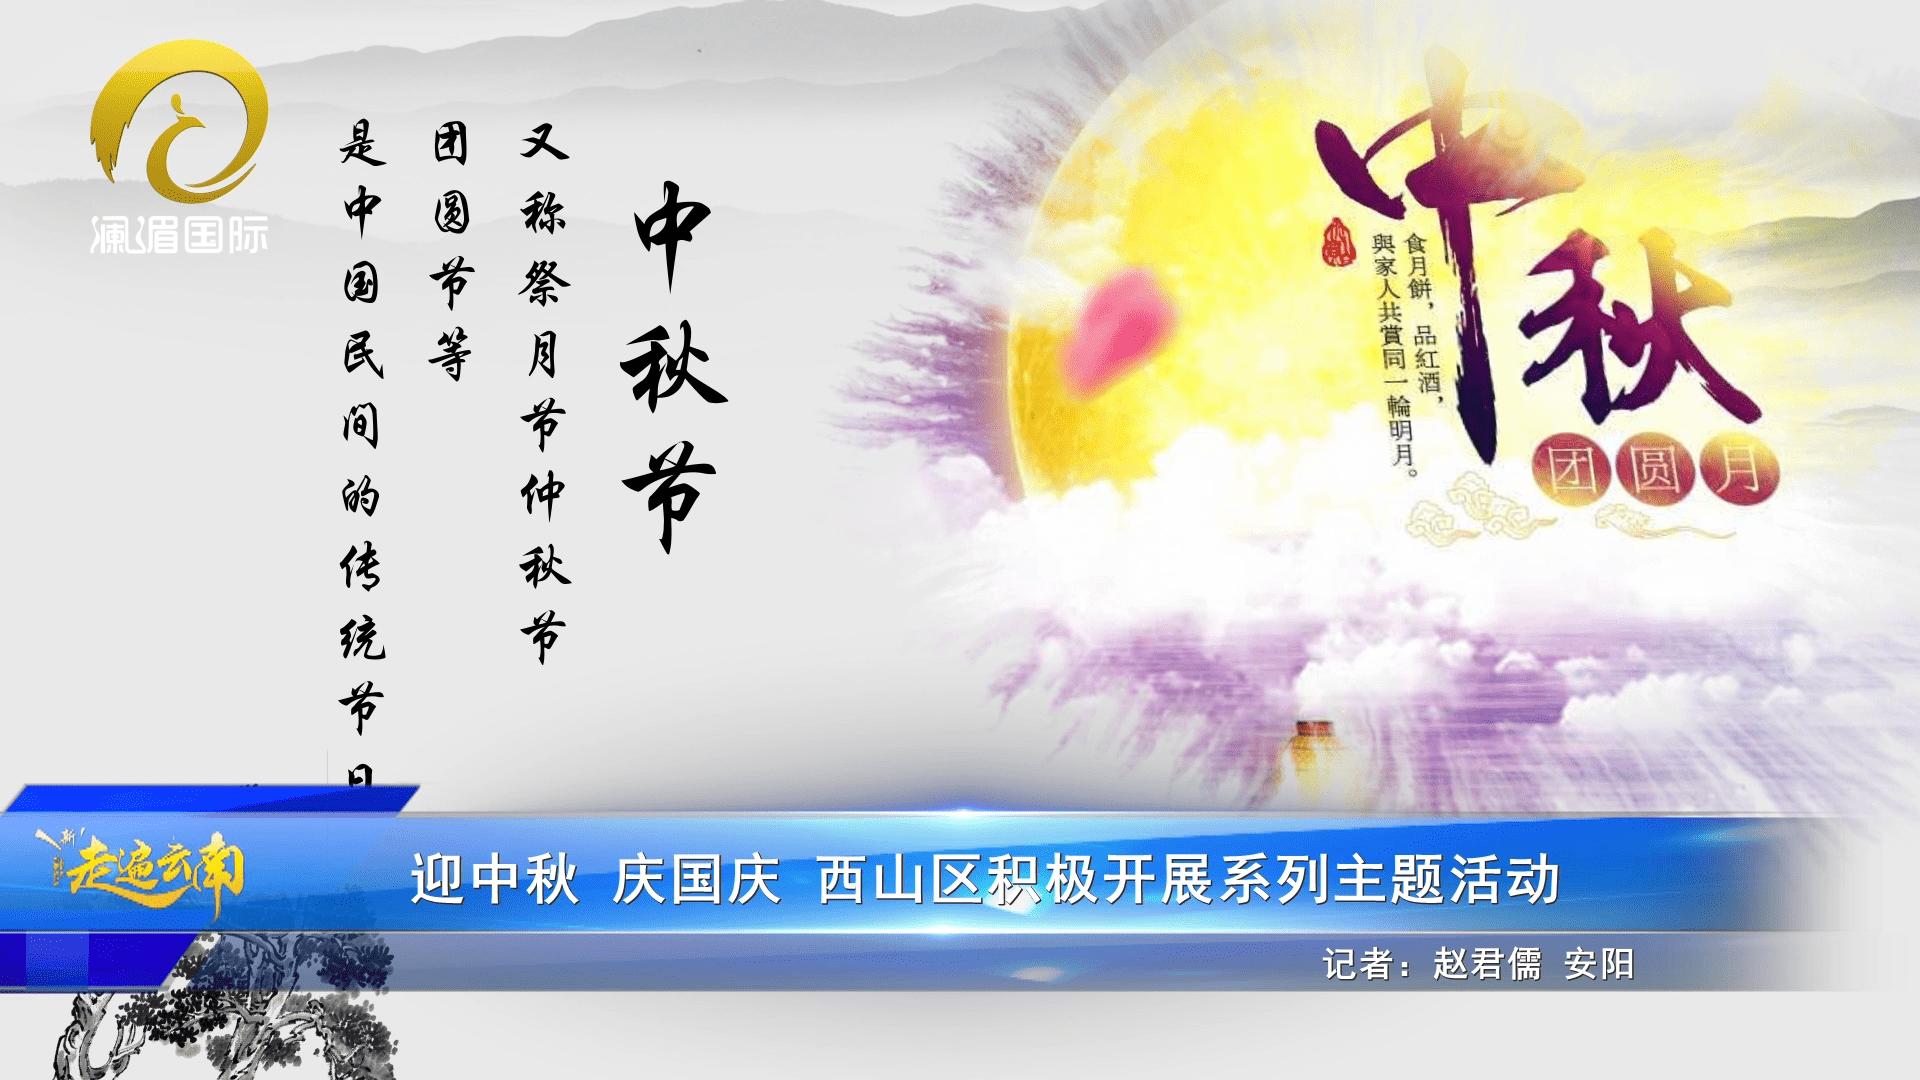 |西山新视野|迎中秋 庆国庆 西山区积极开展系列主题活动